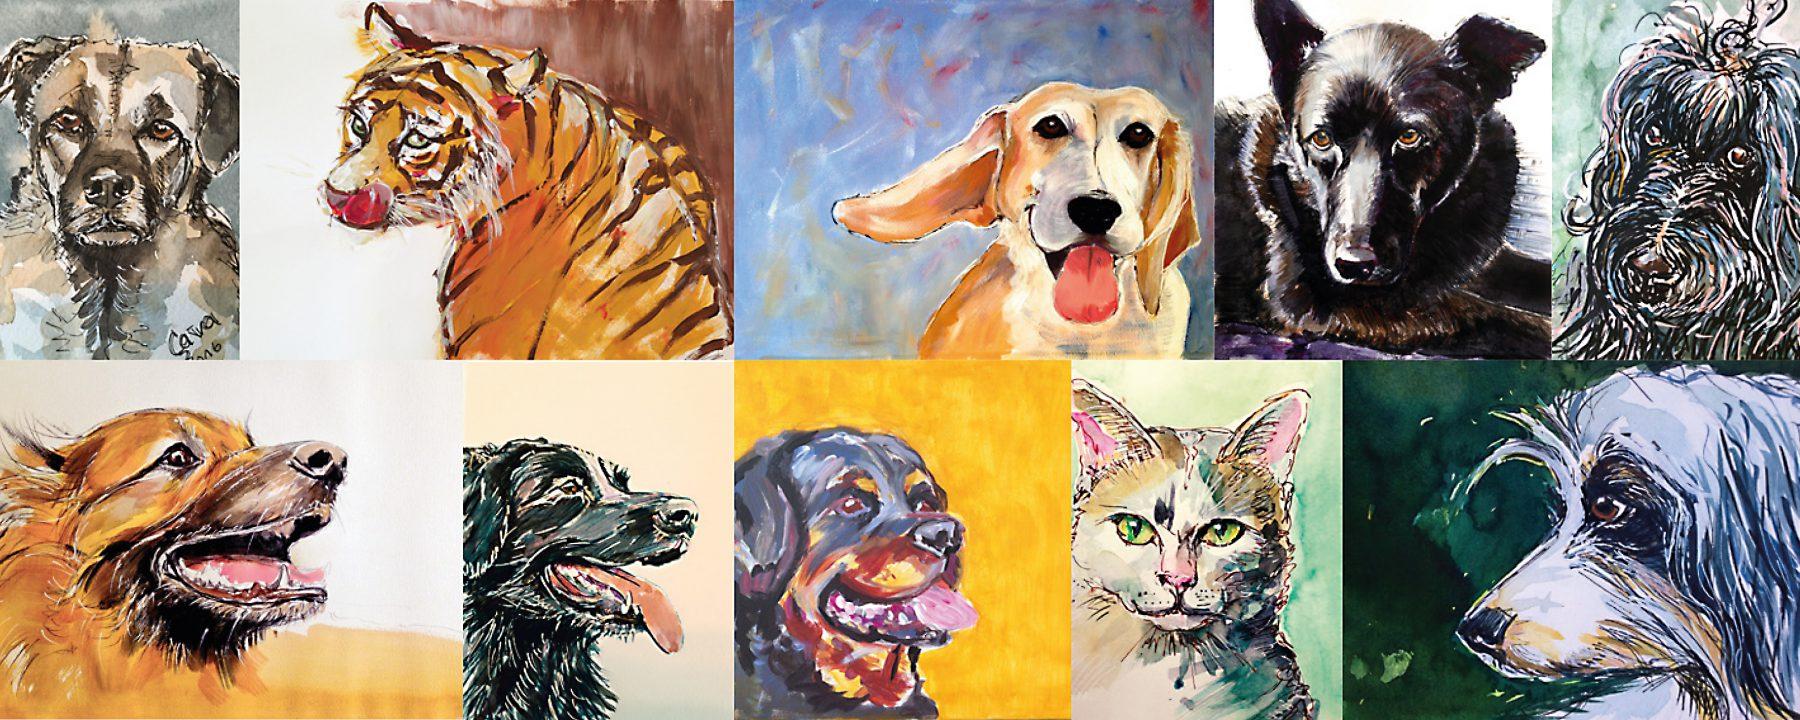 Zeichenzeugs_Tierportraits.jpg